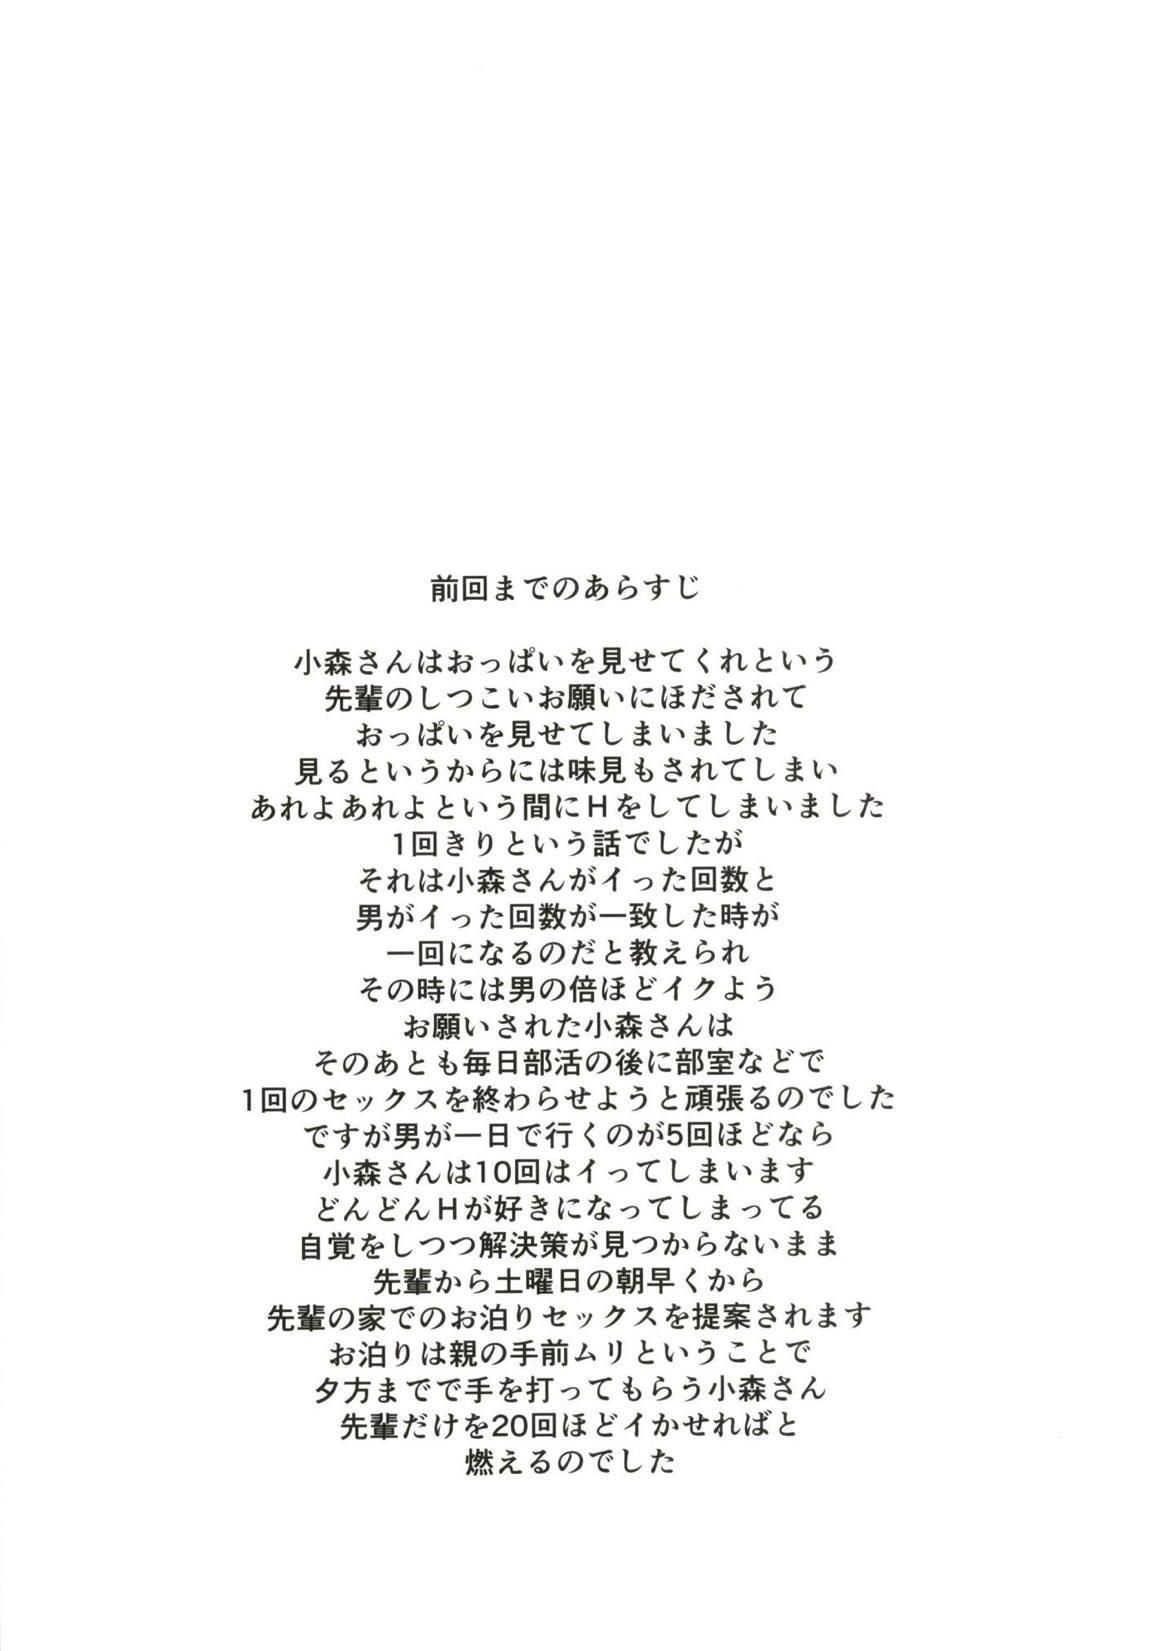 Komori-san no Kotowarikata 03 2